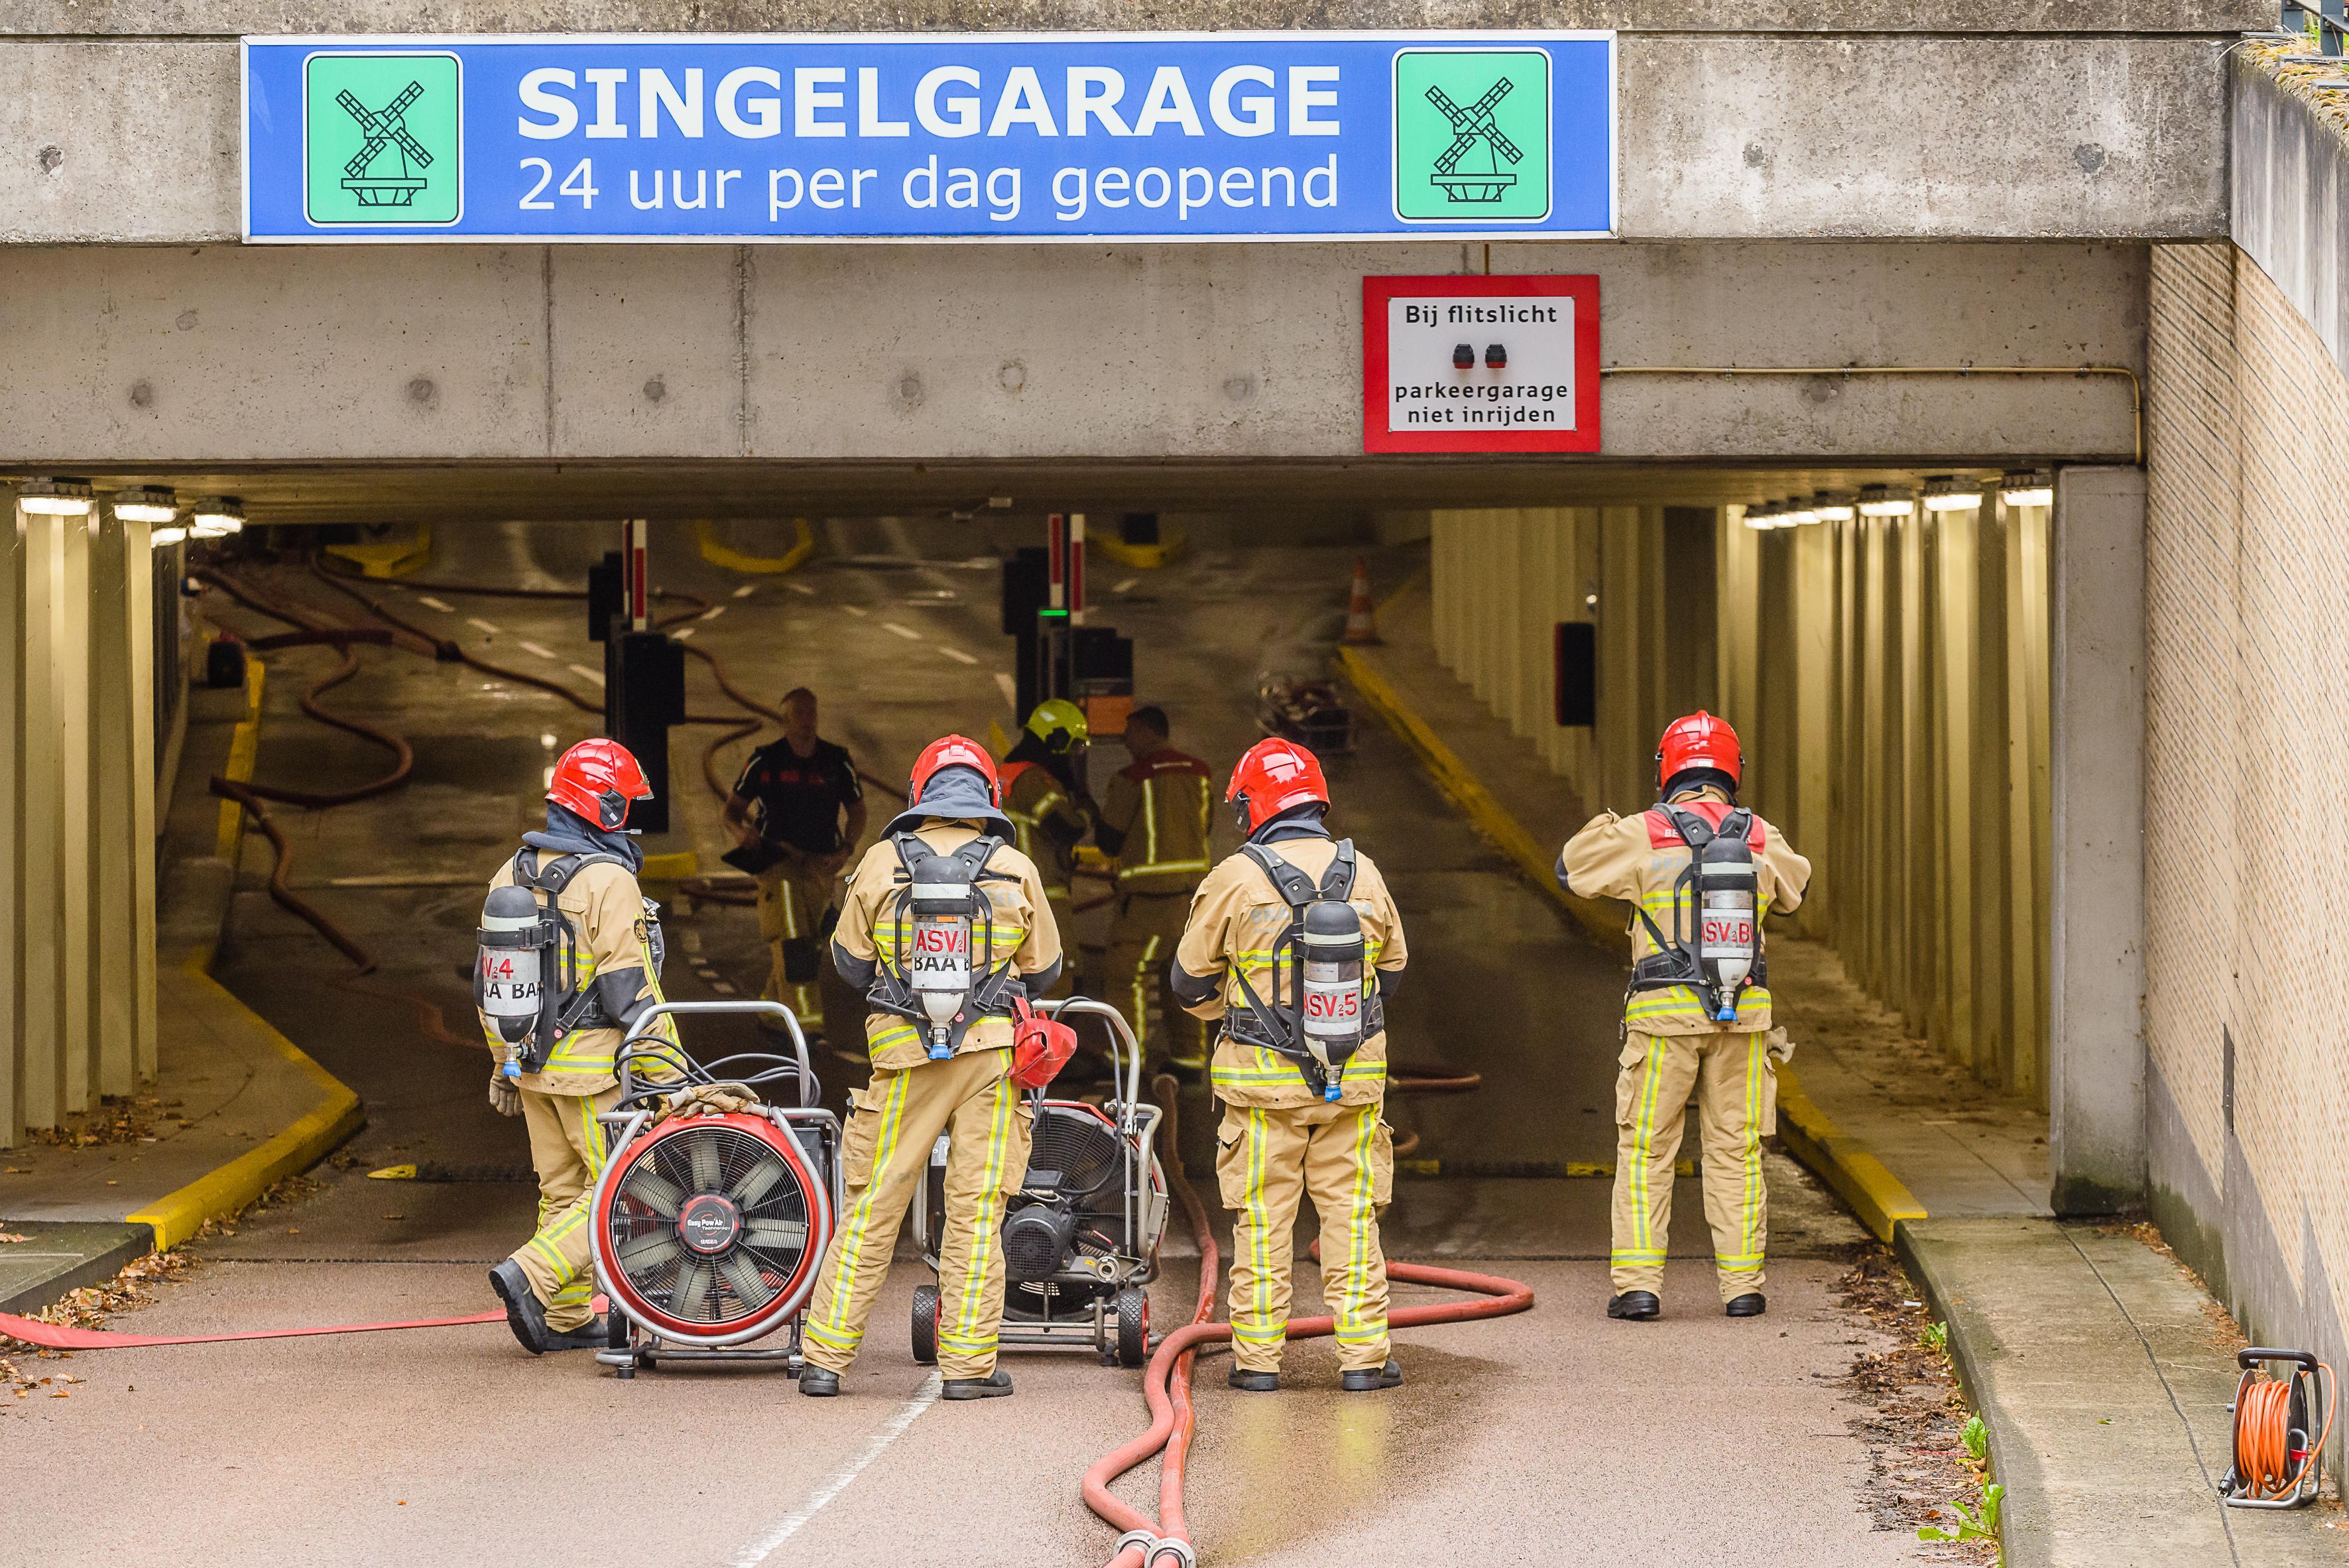 Elektrische auto's verbannen uit parkeergarages is het overwegen waard, stelt Brandweer Nederland